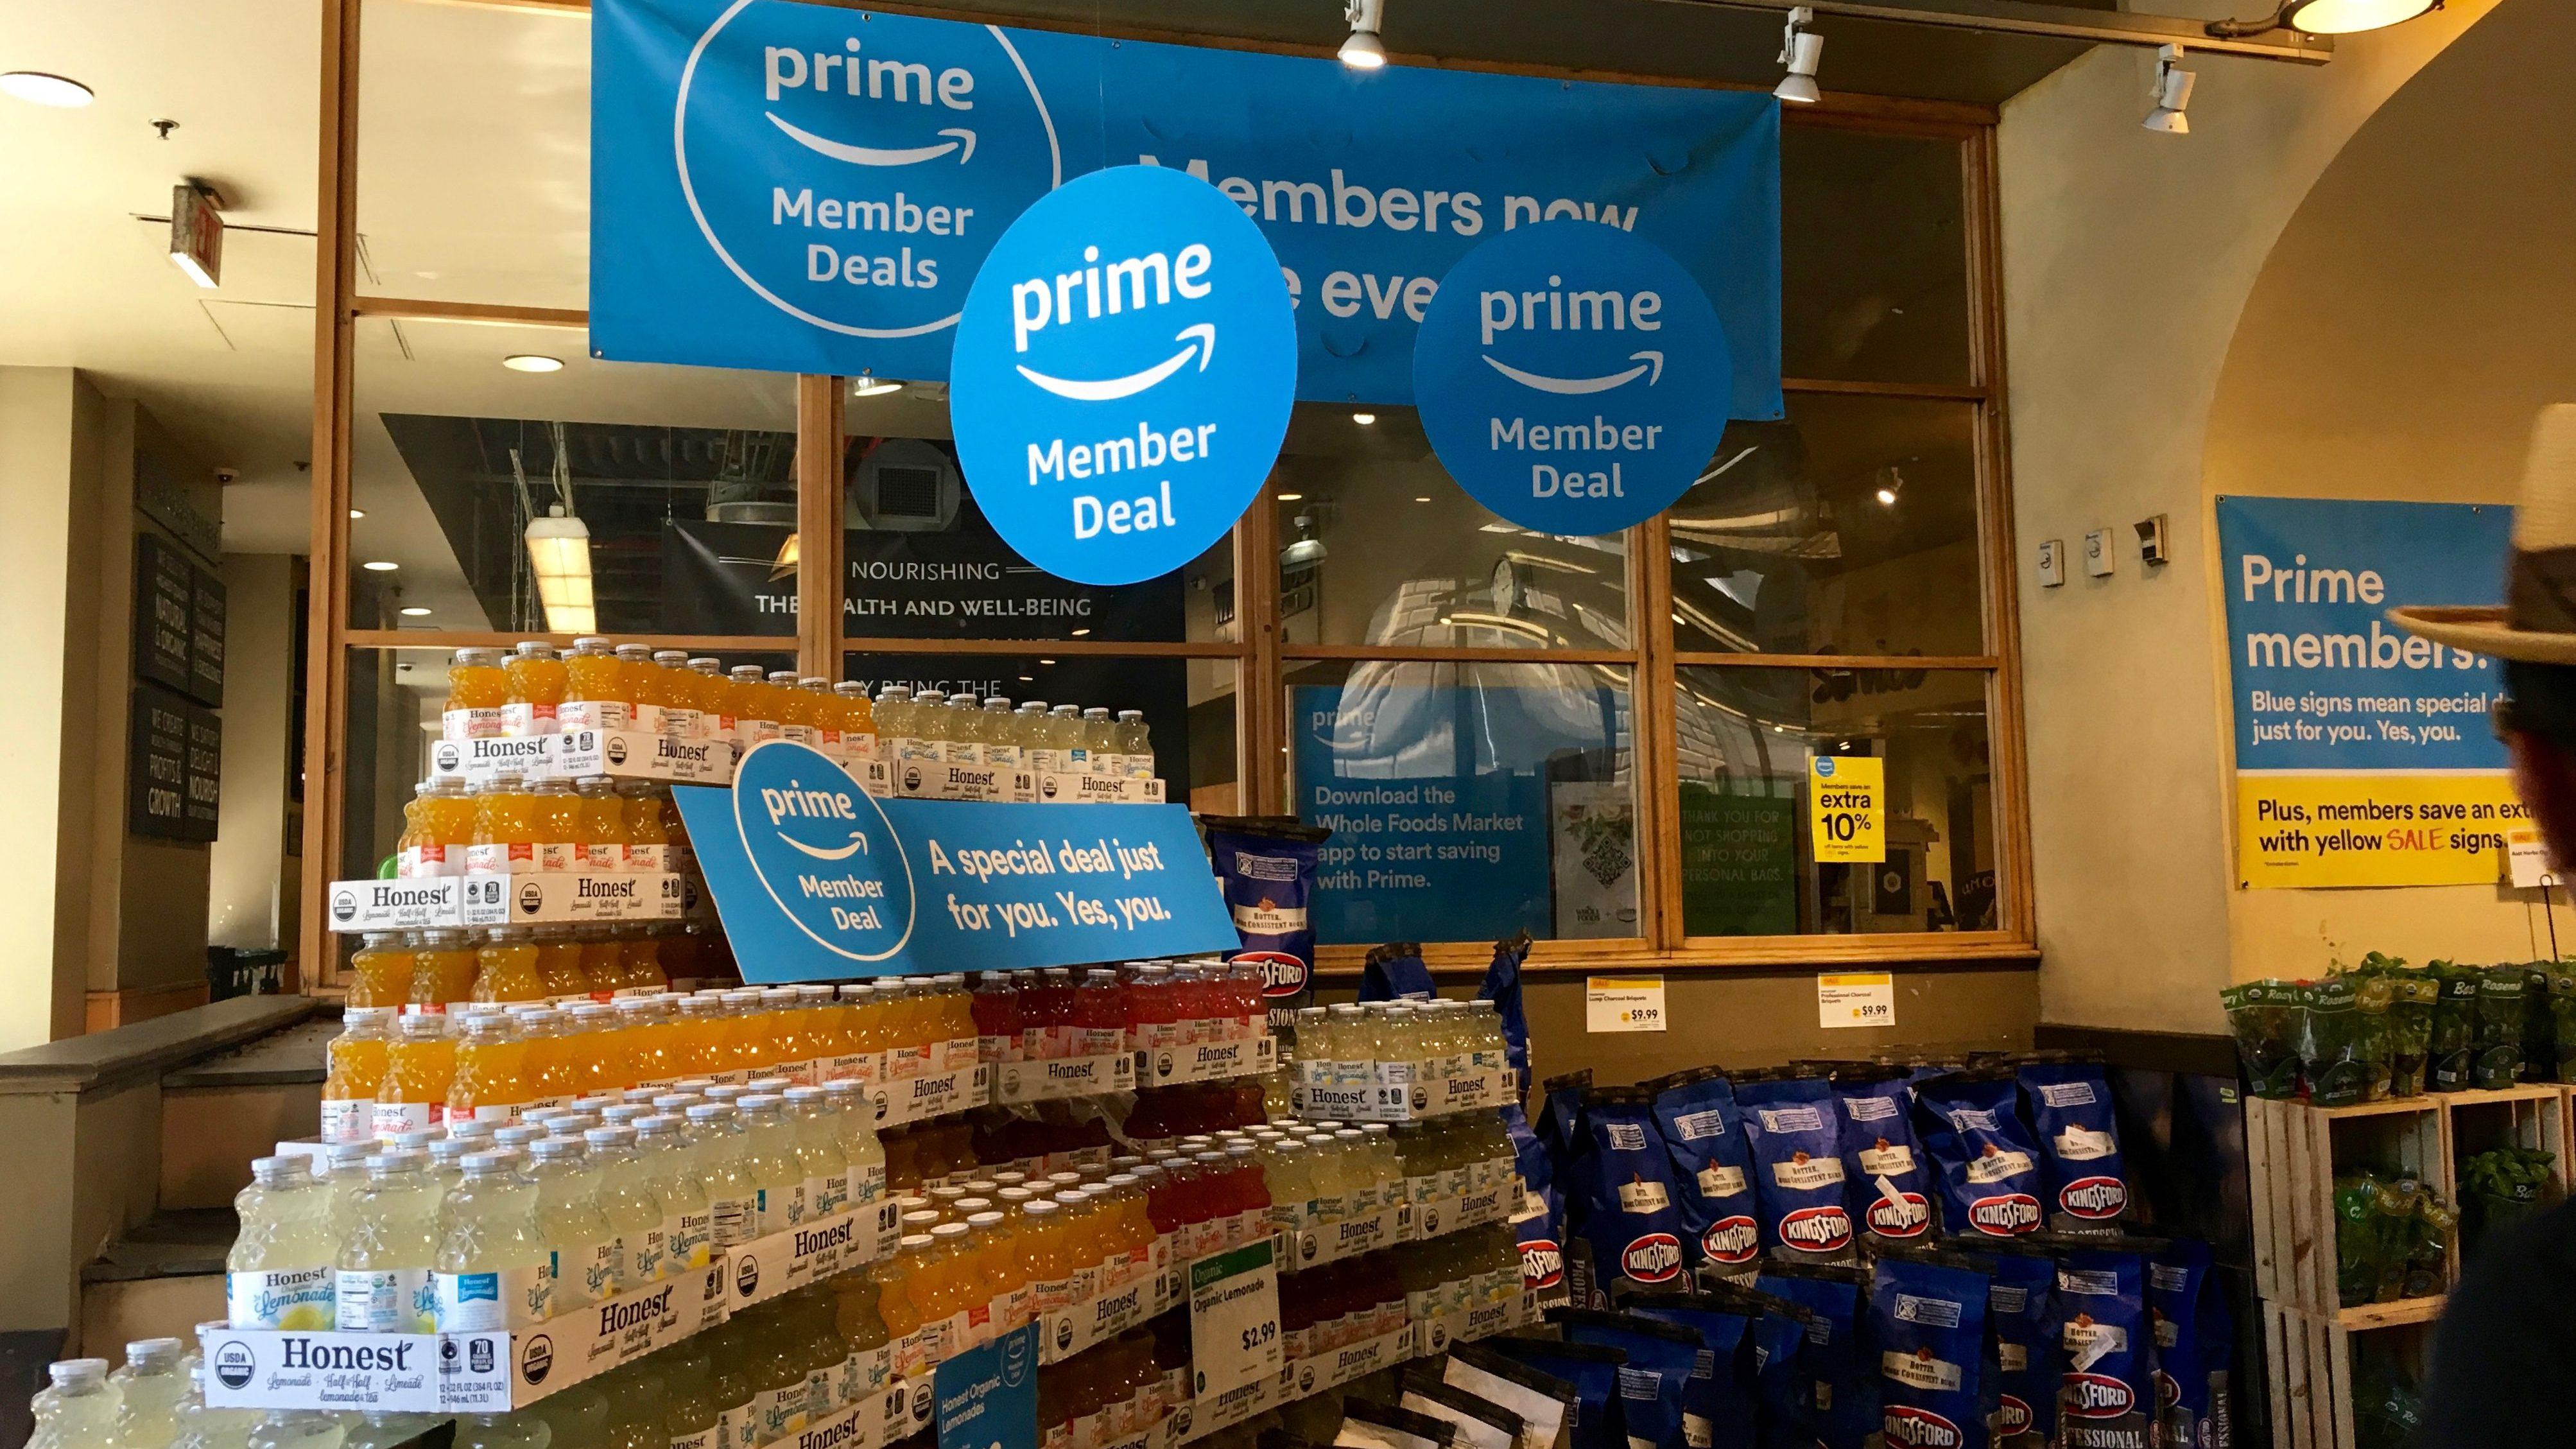 amazon-prime-member-deals-whole-foods